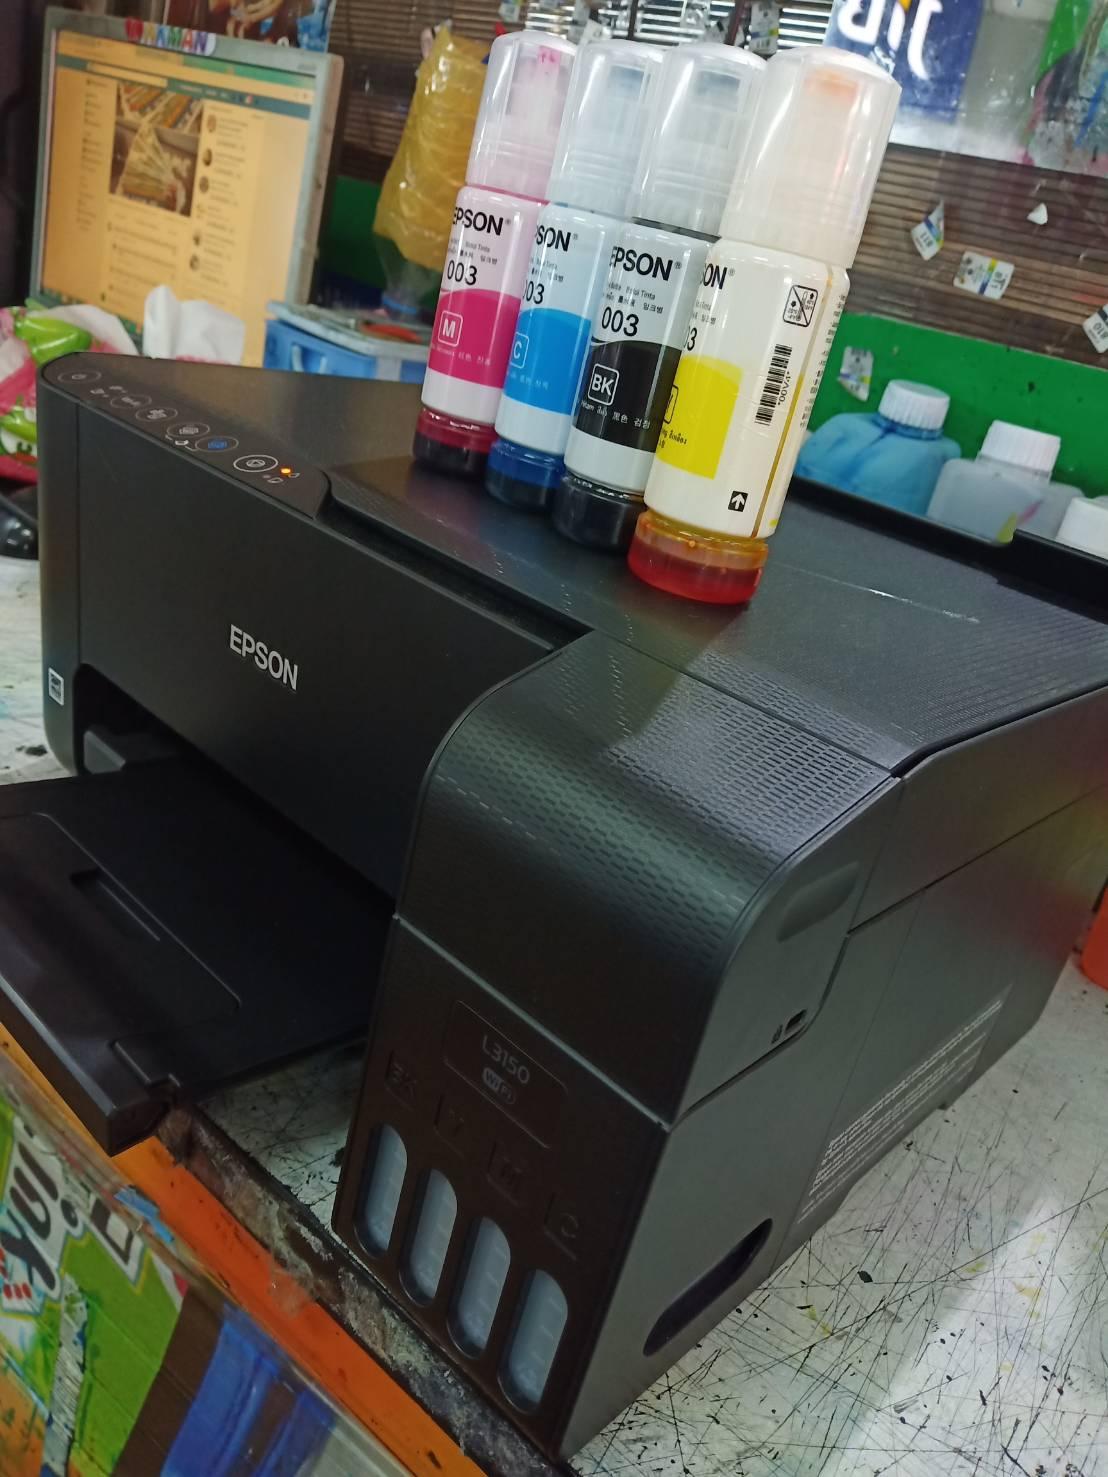 EPSON L3150 มัลติฟังก์ชันอิงค์เจ็ท ปริ๊น สแกน ถ่ายเอกสาร เชื่อมต่อไรสาย  พิมพ์ผ่านมือถือได้โดยตรง อิงค์แทงค์แท้จากโรงงาน หัวพิมพ์ทน รองรับงานหนัก